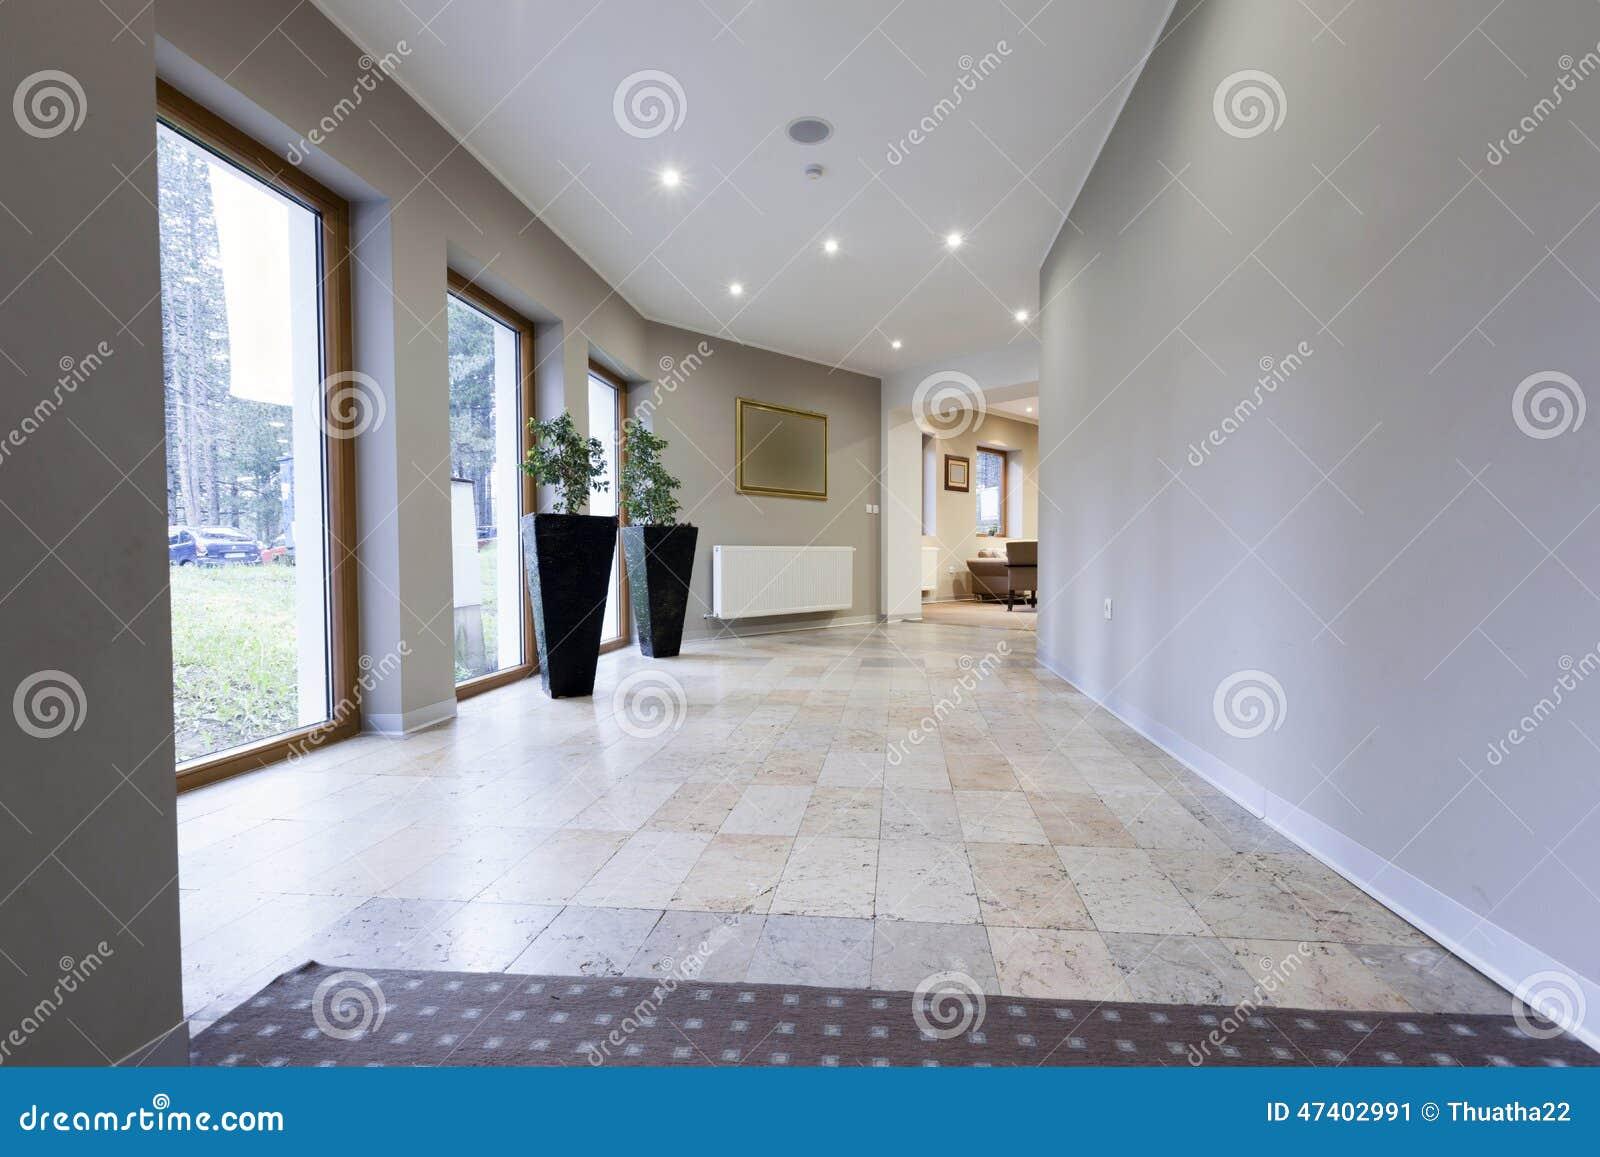 Illuminazione Di Un Corridoio : Interno di un corridoio in albergo di lusso immagine stock